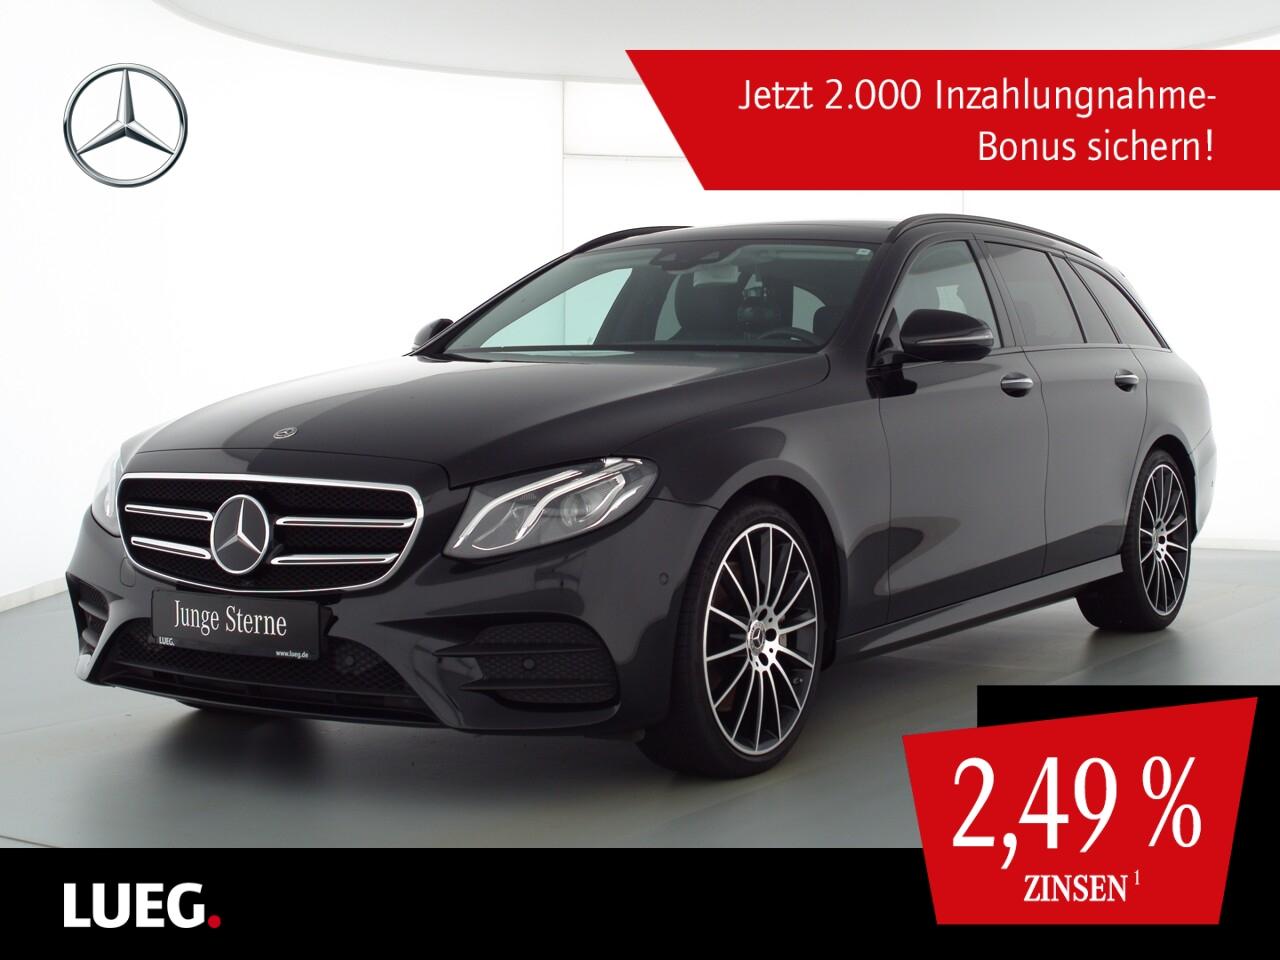 Mercedes-Benz E 400 T 4M AMG+COM+Pano+Burm+LED+AHK+20''+HUD+RF, Jahr 2018, Benzin